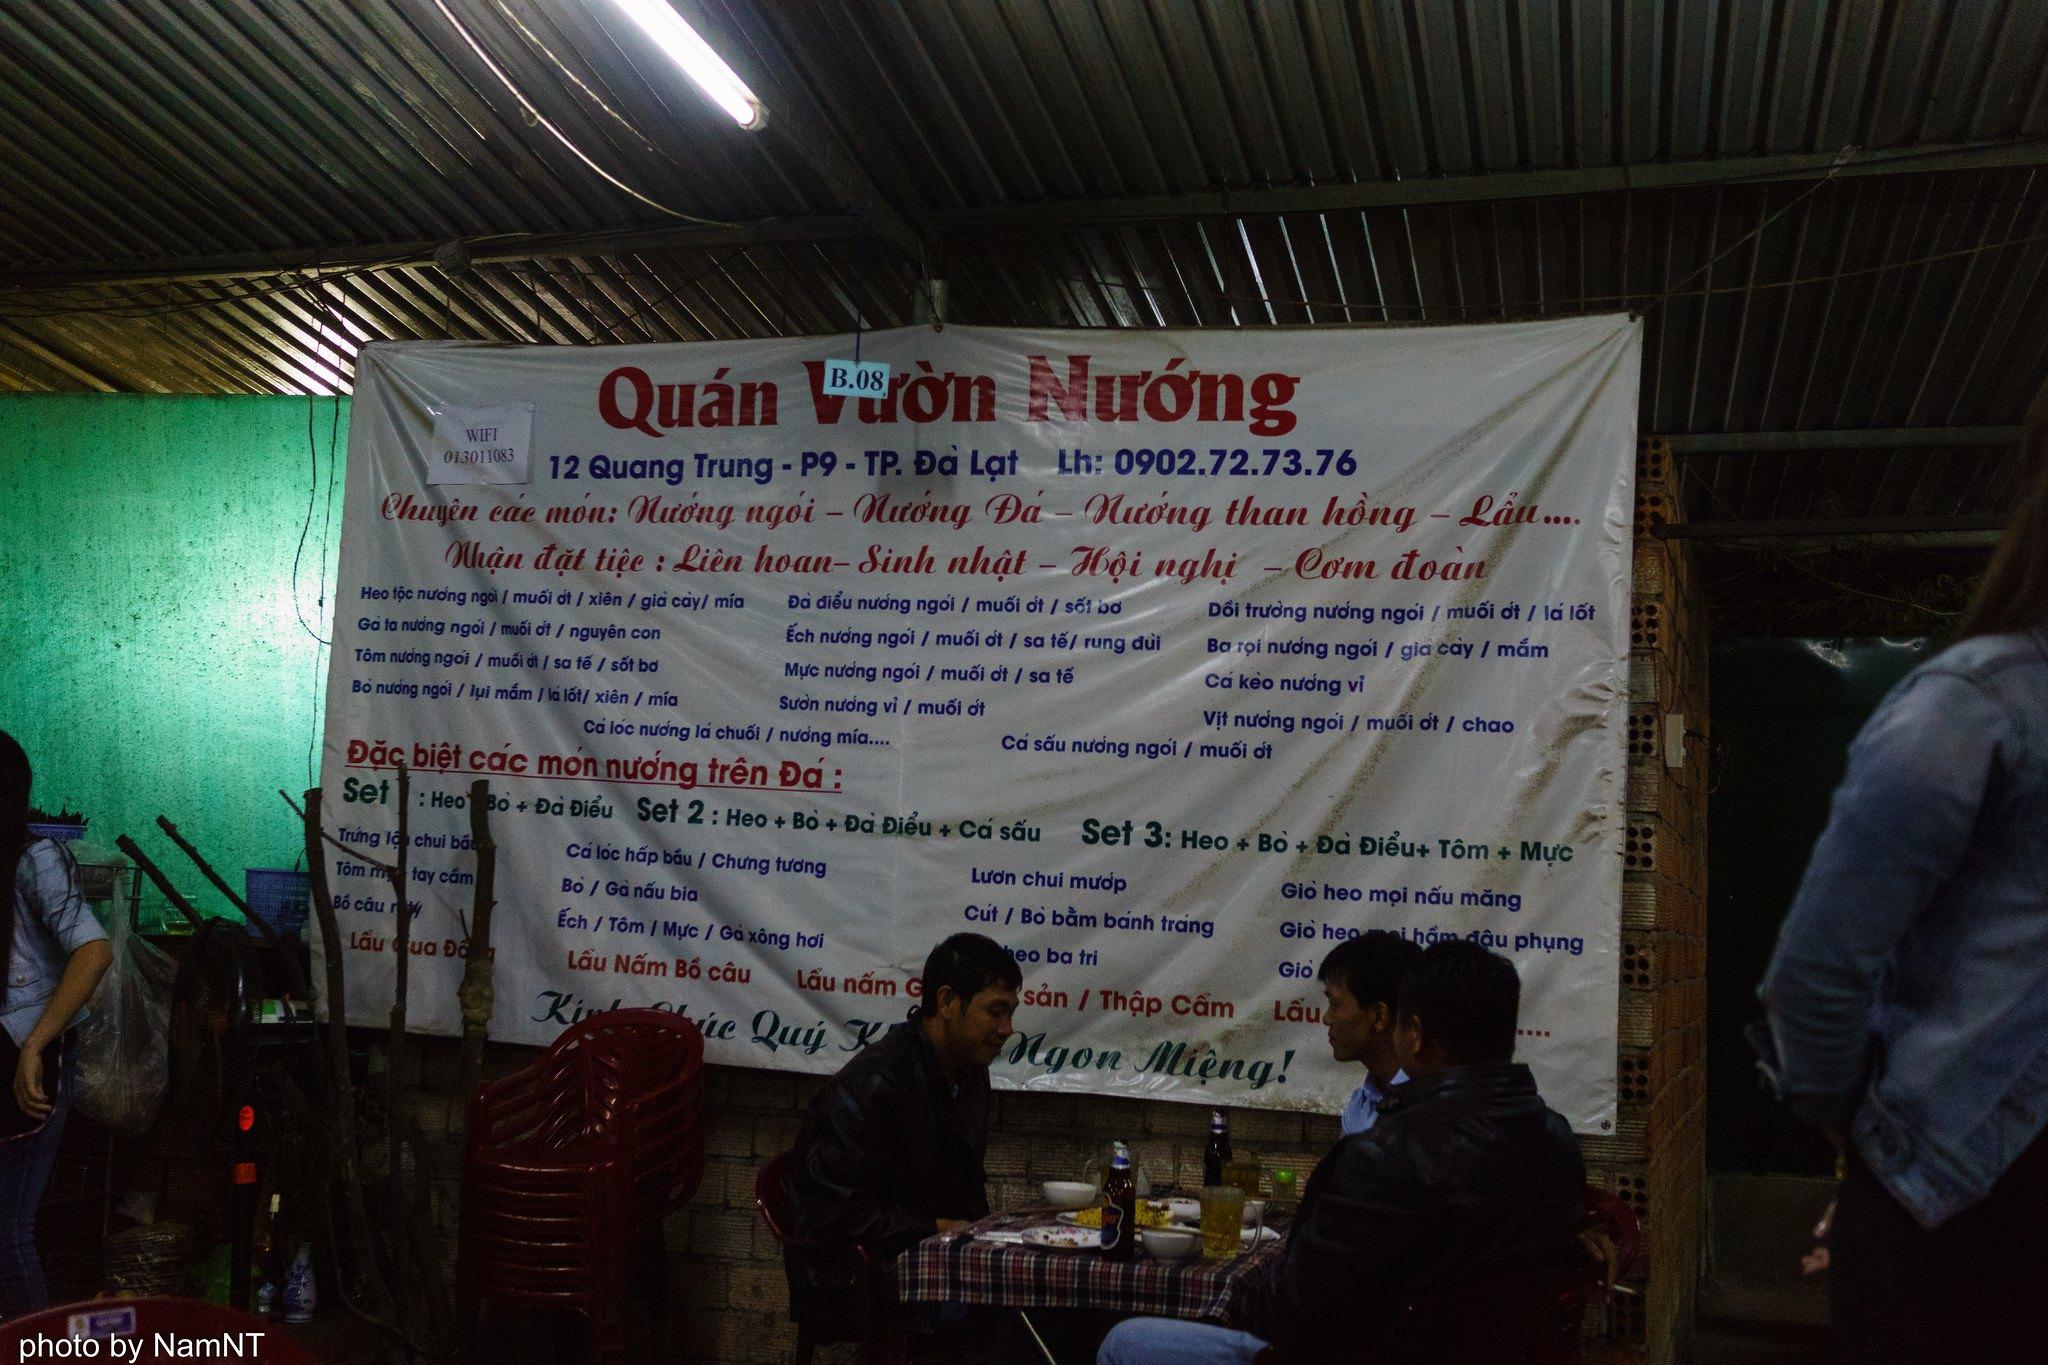 19521095726 889b629e2f k - [Phượt] - SG-Cổ Thạch- Nha Trang- Đà Lạt: ngàn dặm mua hạt é cho người thương